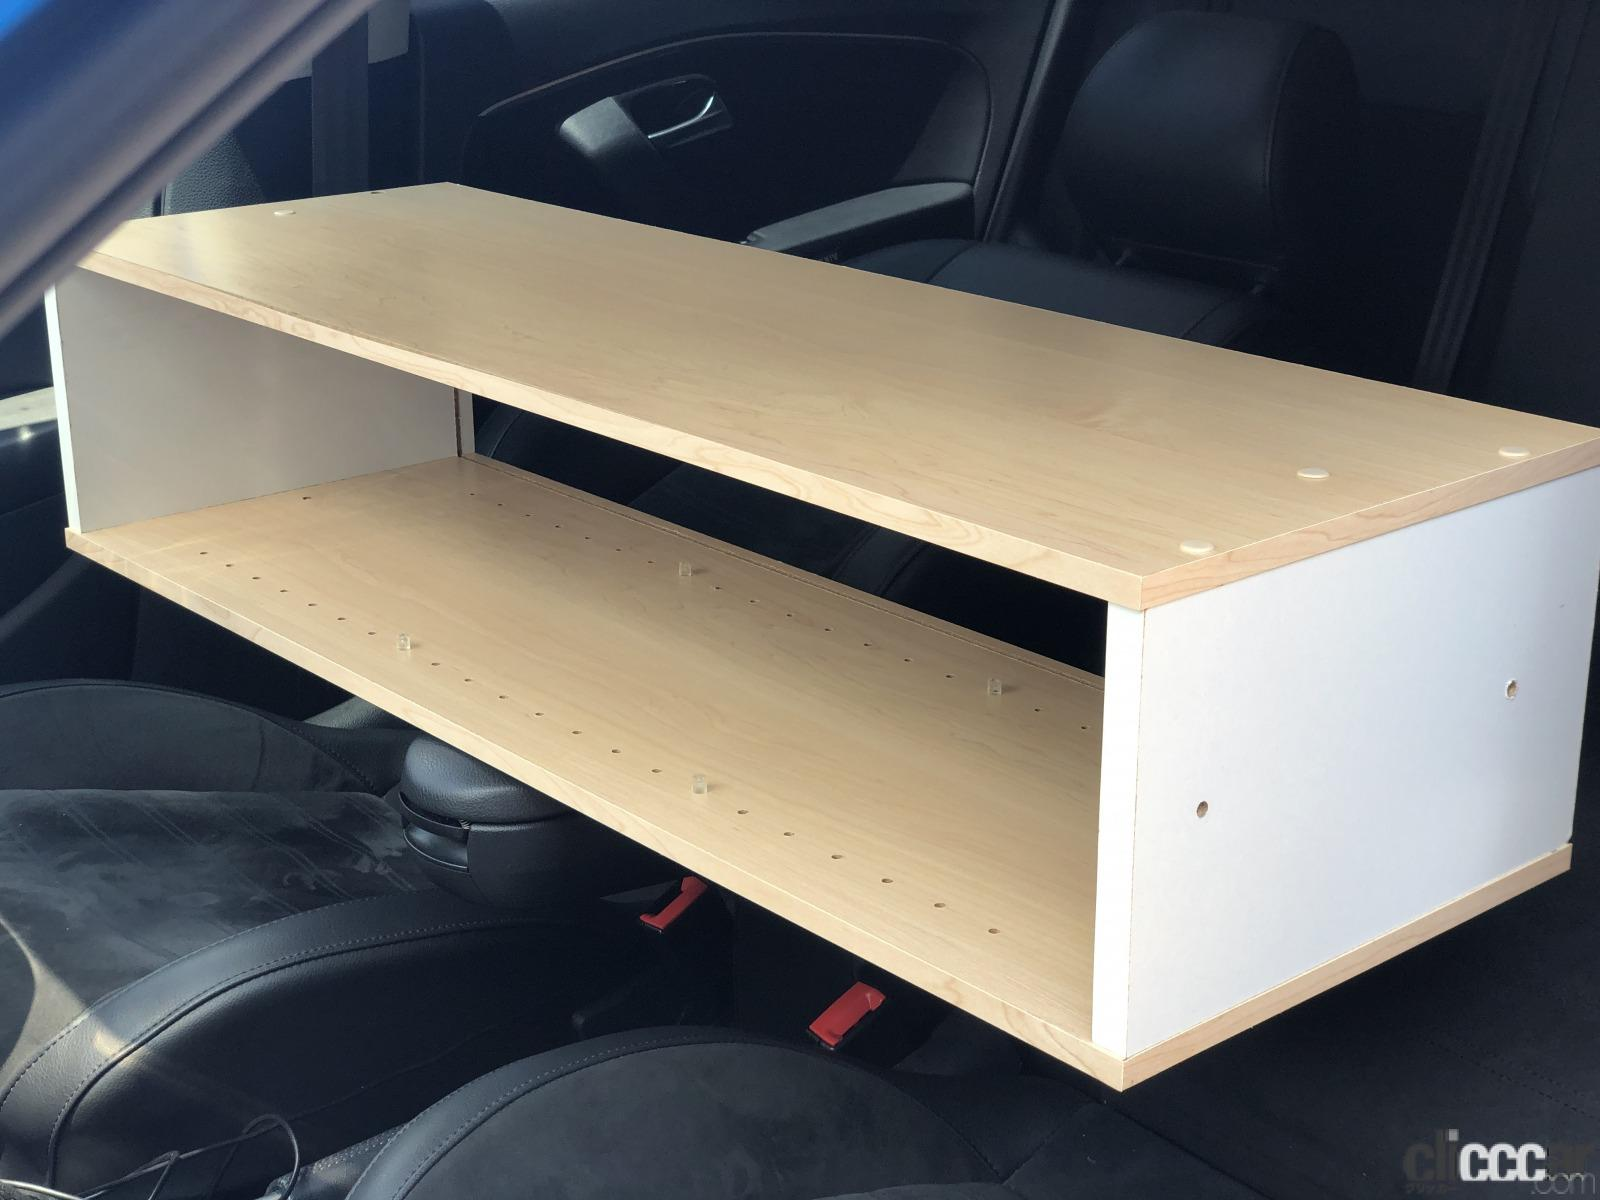 「灼熱の炎天下のクルマで、車内を家具DIYに活用してみたら意外とうまくいった!」の5枚目の画像